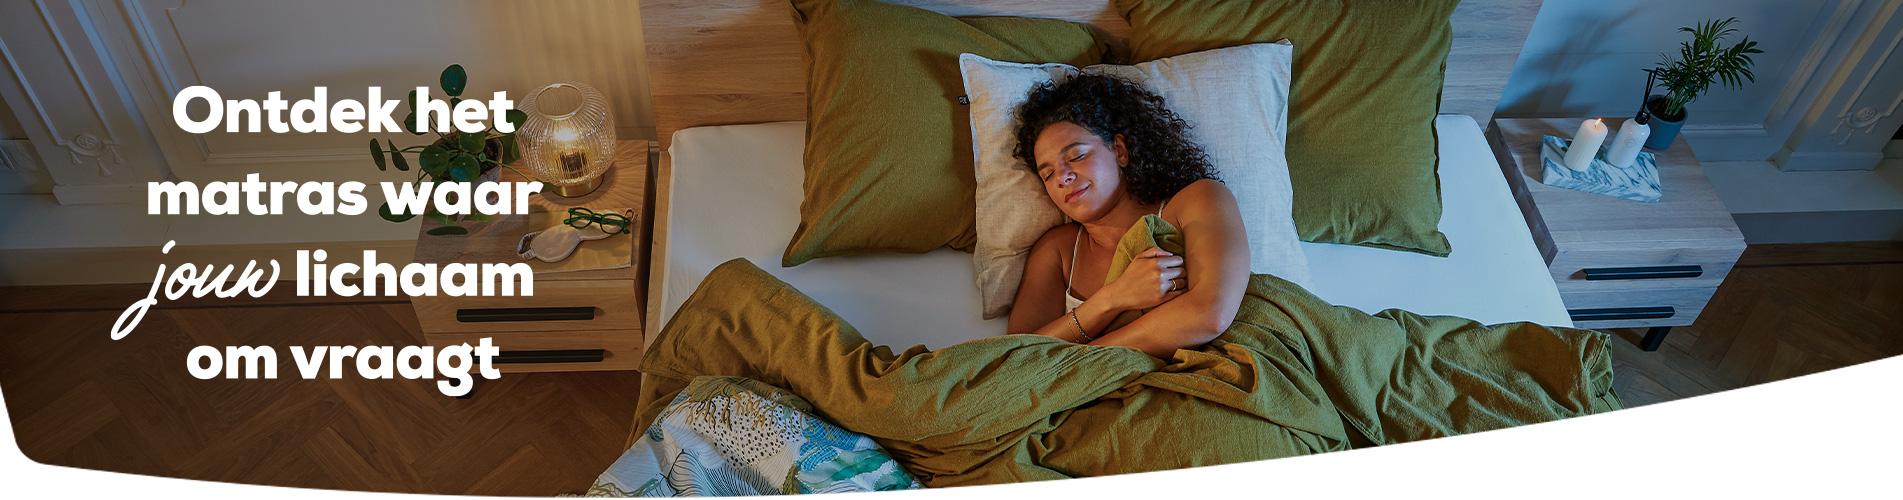 Ontdek het matras waar jouw lichaam om vraagt